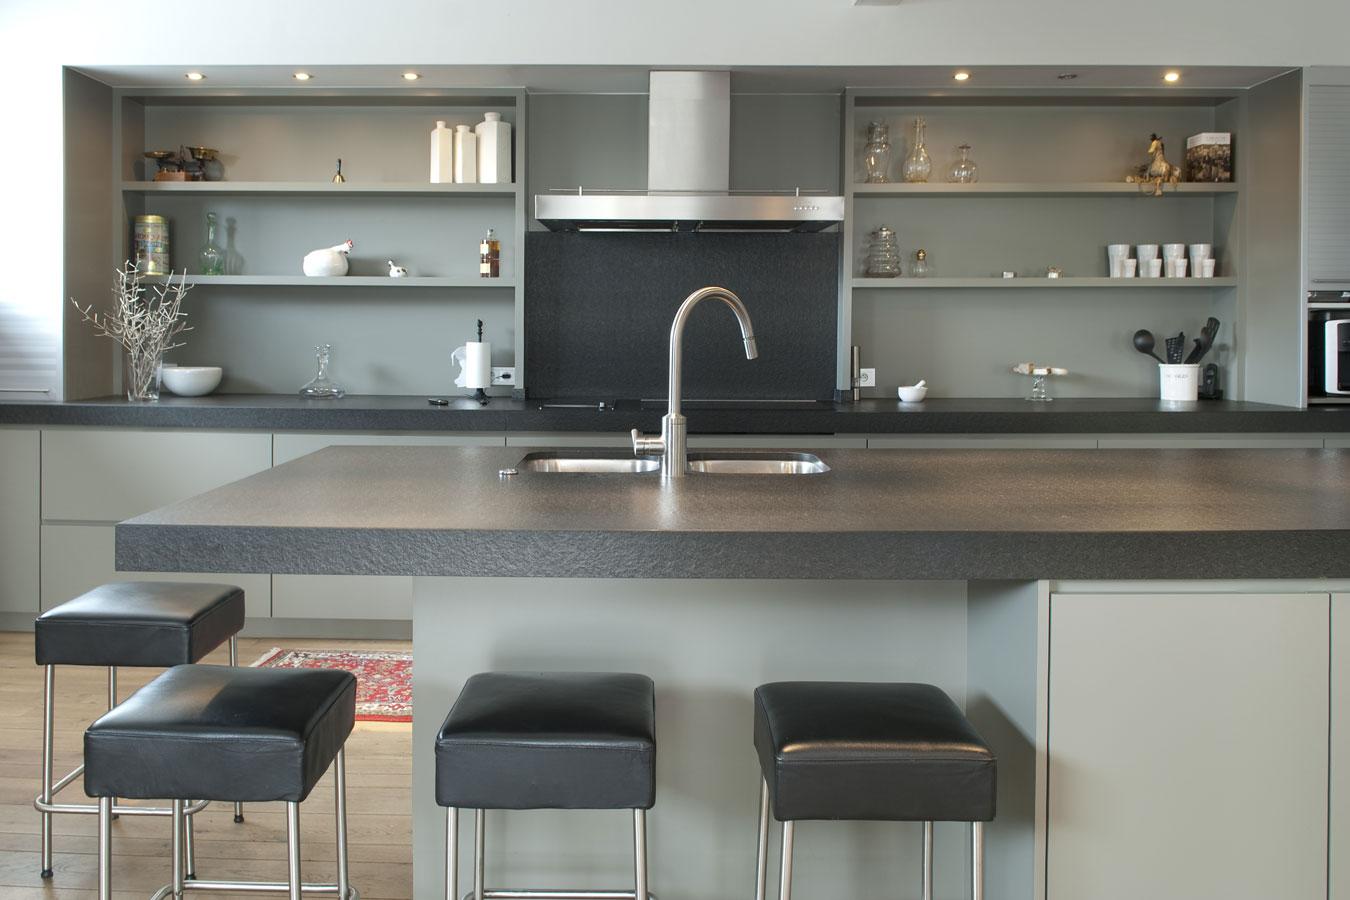 Beton In Keuken : Een keukenblad in beton voor nadelen